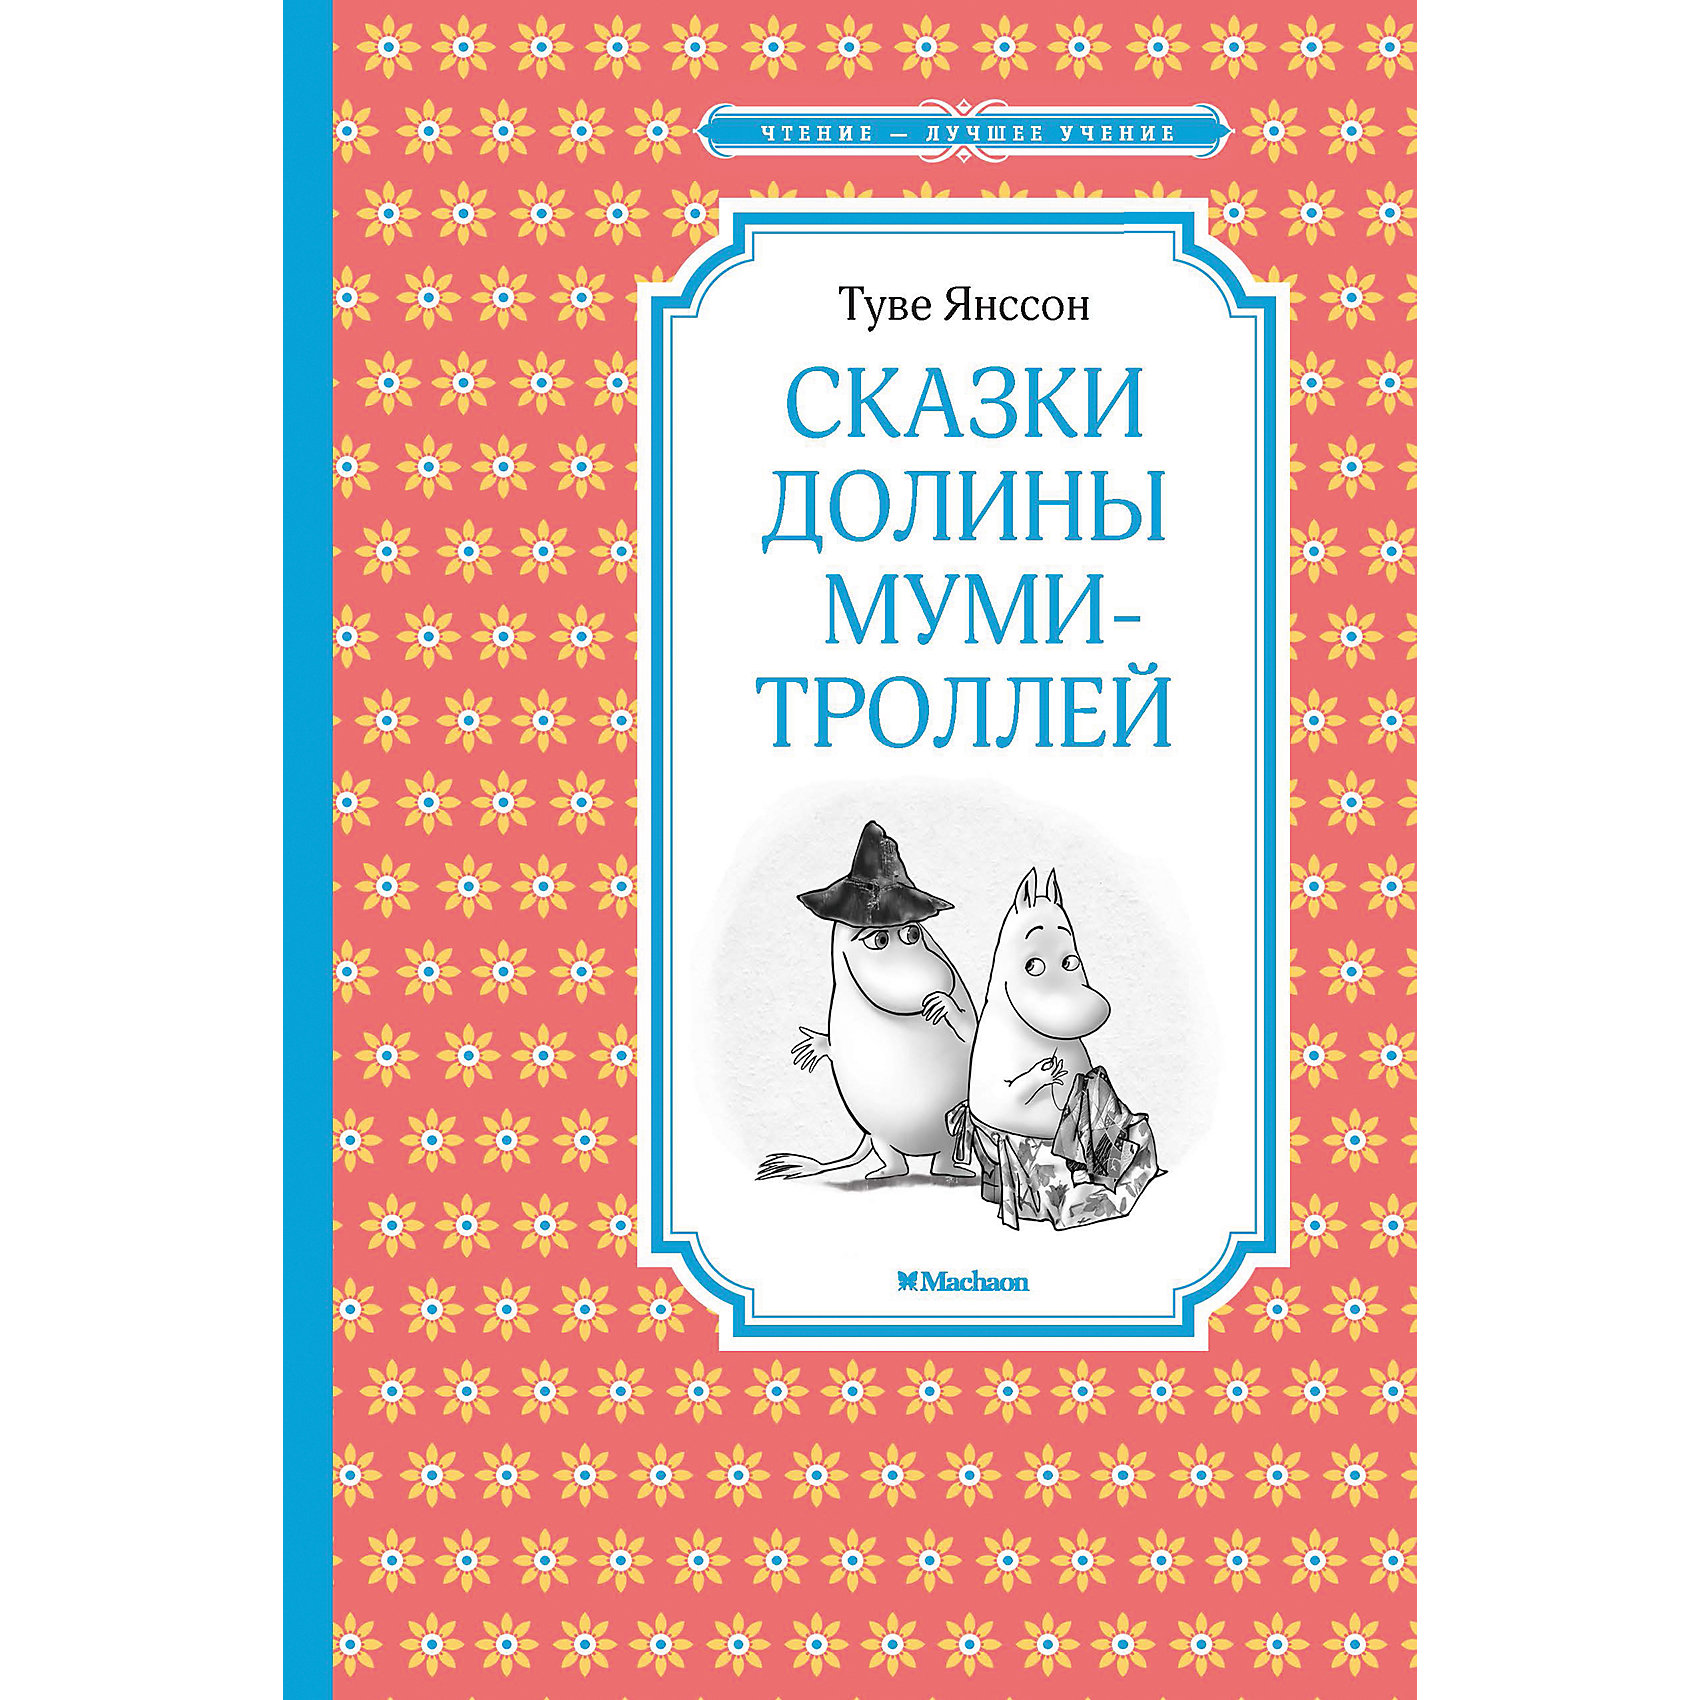 Сказки Долины муми-троллей, Т. ЯнссонСказки<br>Финскую сказочницу Туве Янссон любят дети всей планеты. Кто не знает её забавных и милых обитателей гостеприимной долины, где царит беззаботное веселье, радость, любовь и домашний уют?! «Выдуманный мир моих муми-троллей, – писала Туве Янссон, – это мир, по которому наверняка в глубине души тоскует каждый из нас». <br>Не отказывайте себе в удовольствии - загляните в гостеприимную Долину муми-троллей!<br><br>Содержание:<br>Е. Зубарева. Если Рождество рассердится...<br>Весенняя песня<br>Ужасная история<br>Фильфьонка в ожидании катастрофы<br>История о последнем драконе на свете<br>Хемуль, который любил тишину<br>Дитя-невидимка<br>Тайна хатифнаттов<br>Седрик<br>Елка<br><br>Дополнительная информация:<br><br>Автор: Туве Янссон;<br>Формат: 21х14см;<br>Переплет: твердый переплет;<br>Страниц: 192;<br>Вес: 298 г.;<br>Производитель: Махаон, Россия.<br>Год выпуска: 2015;<br><br>Произведения Туве Янссон Сказки Долины муми-троллей можно купить в нашем магазине.<br><br>Ширина мм: 210<br>Глубина мм: 140<br>Высота мм: 9<br>Вес г: 298<br>Возраст от месяцев: 84<br>Возраст до месяцев: 120<br>Пол: Унисекс<br>Возраст: Детский<br>SKU: 4725976